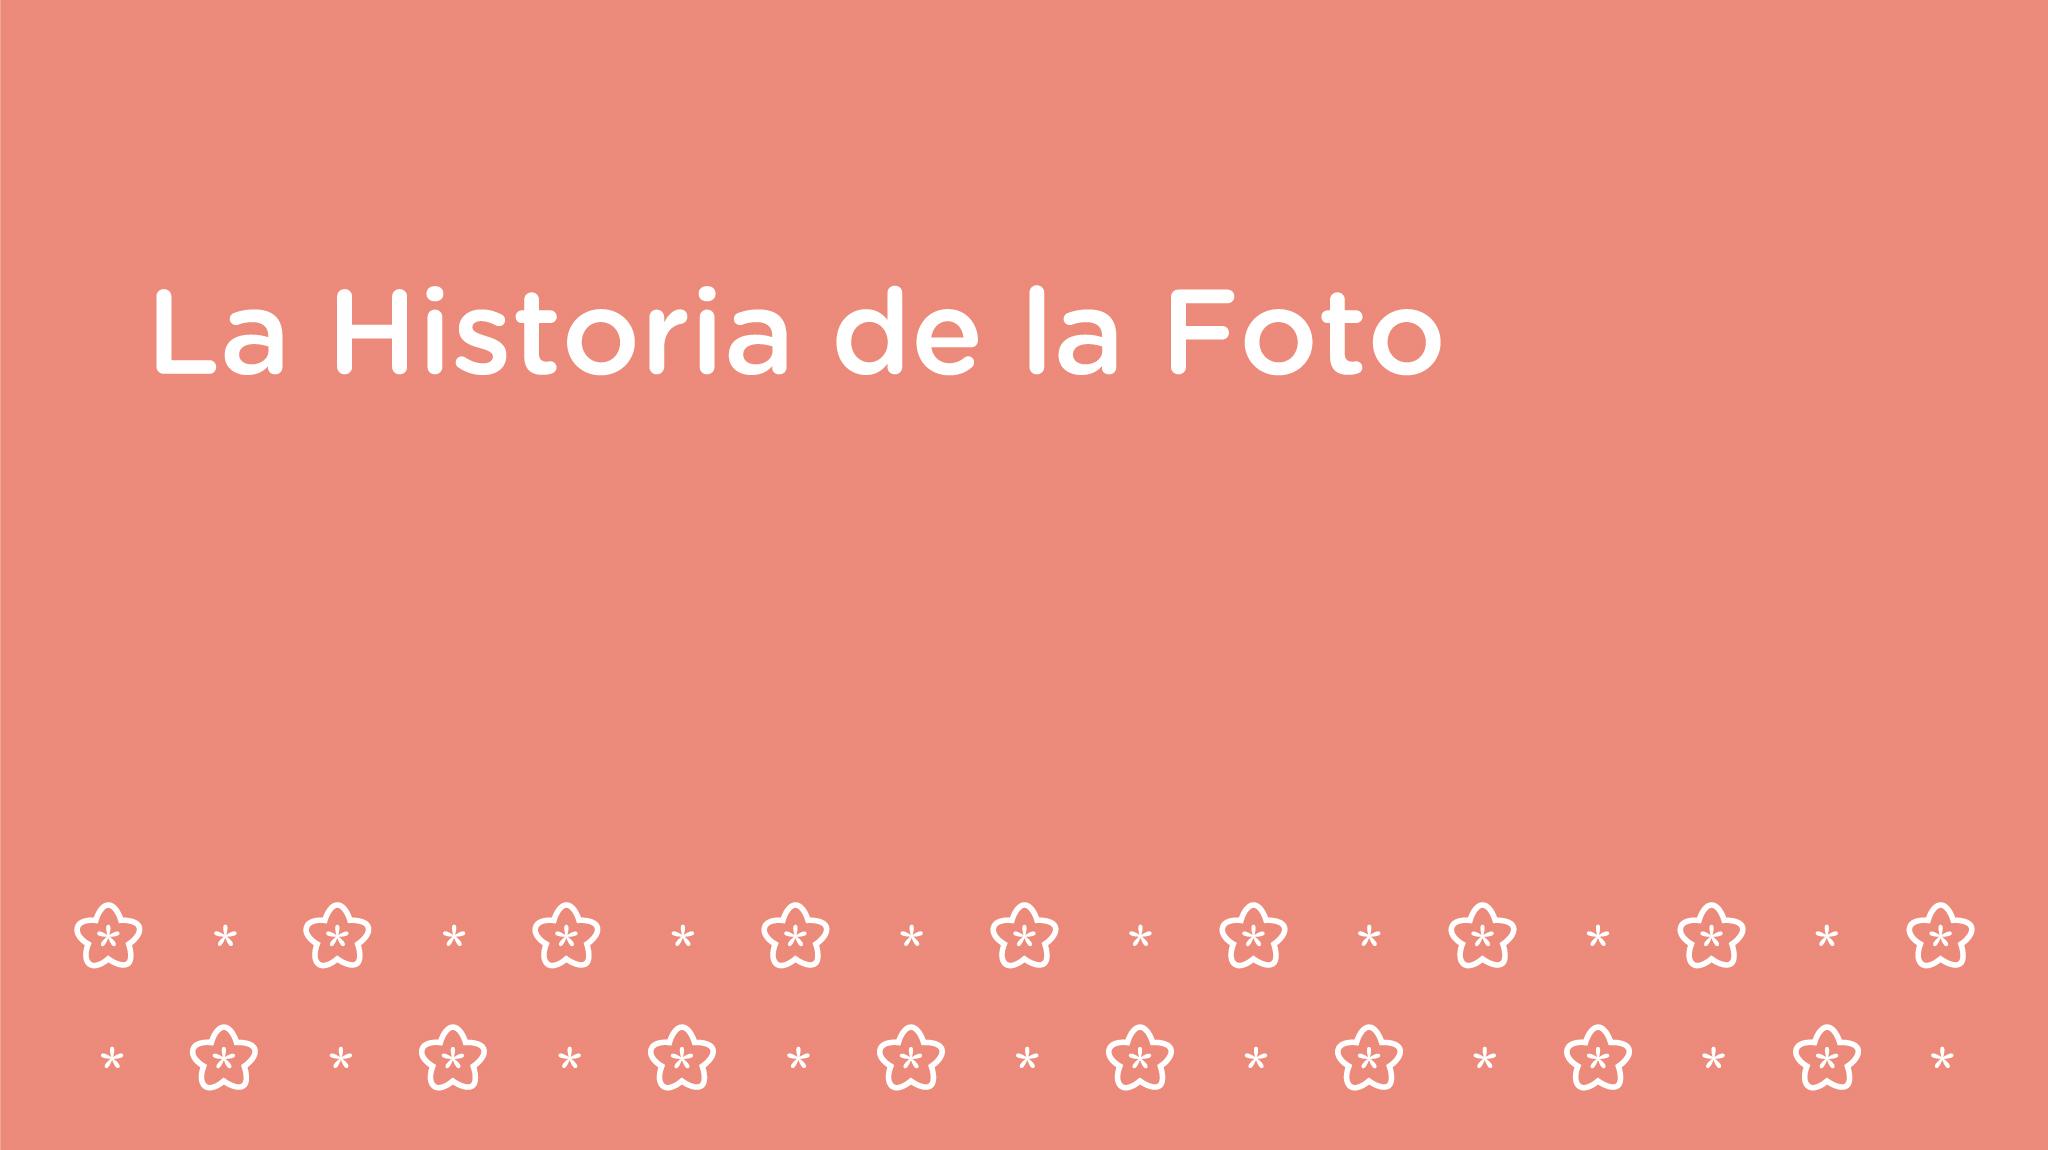 La Historia de la Foto